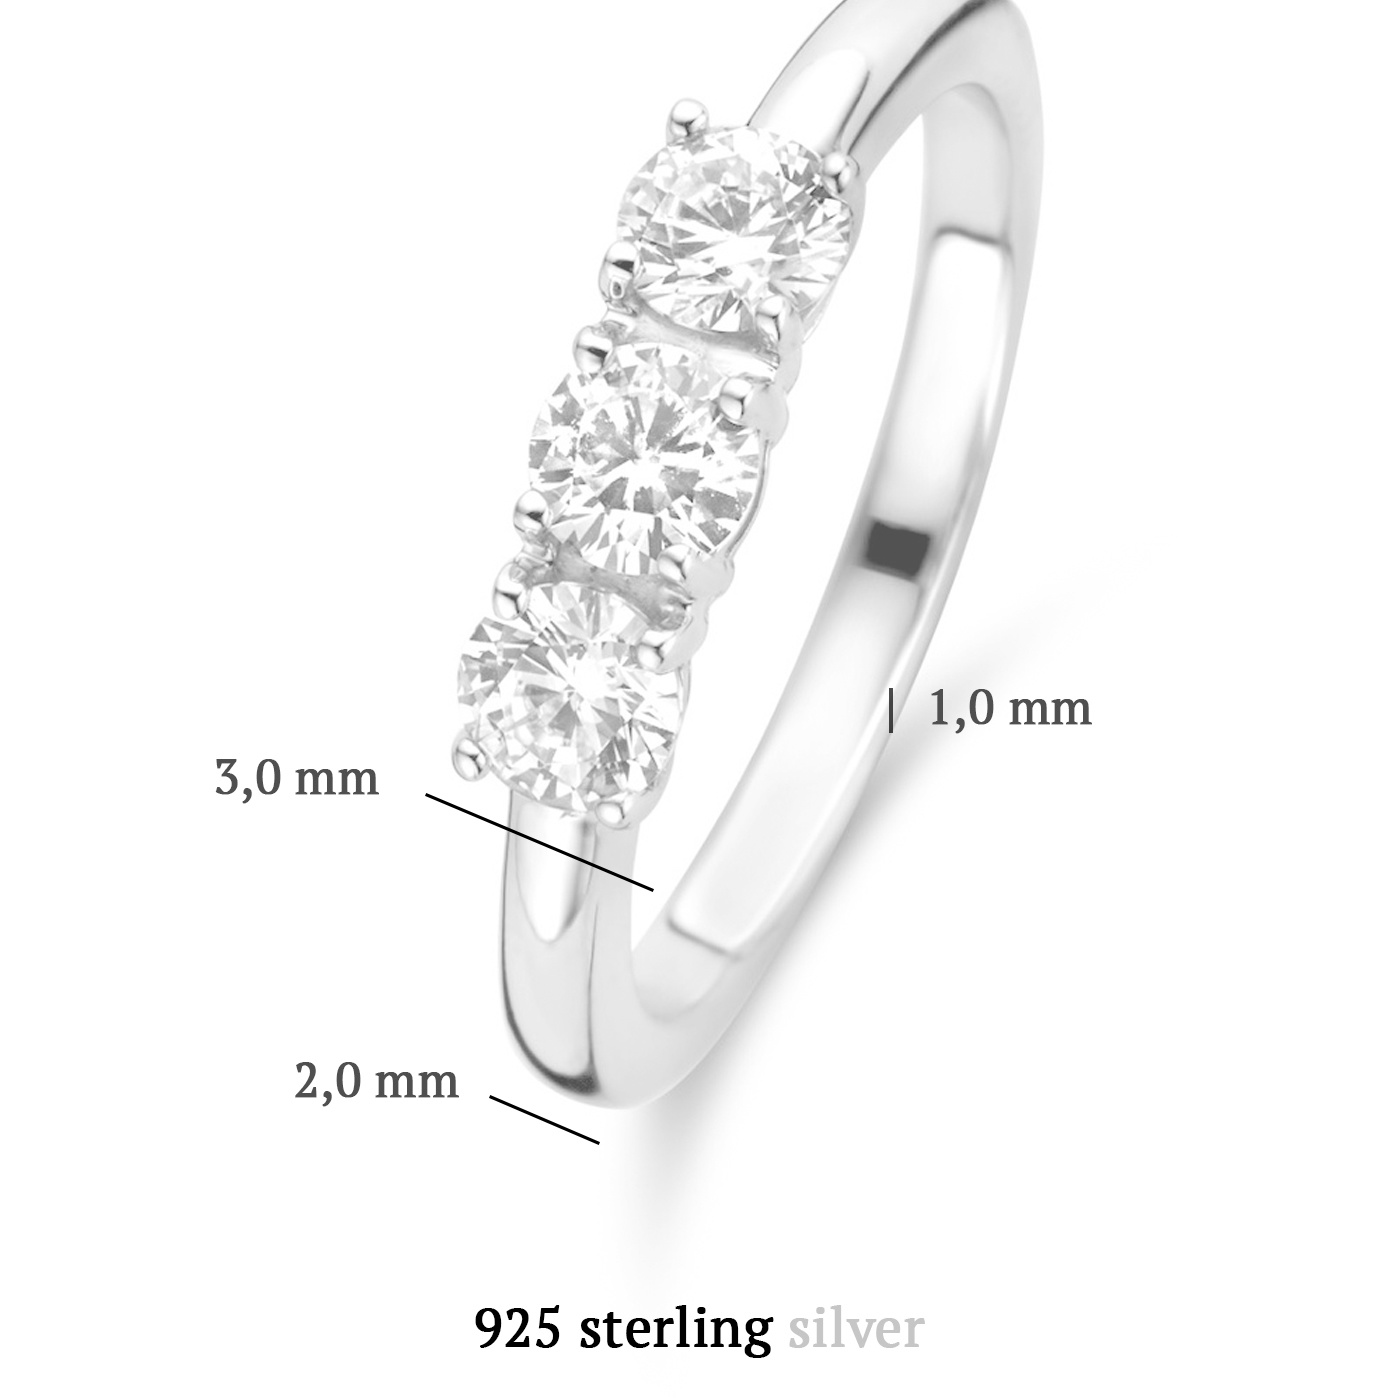 Parte di Me Ponte Vecchio Vasariano 925 sterling zilveren ring met zirkonia